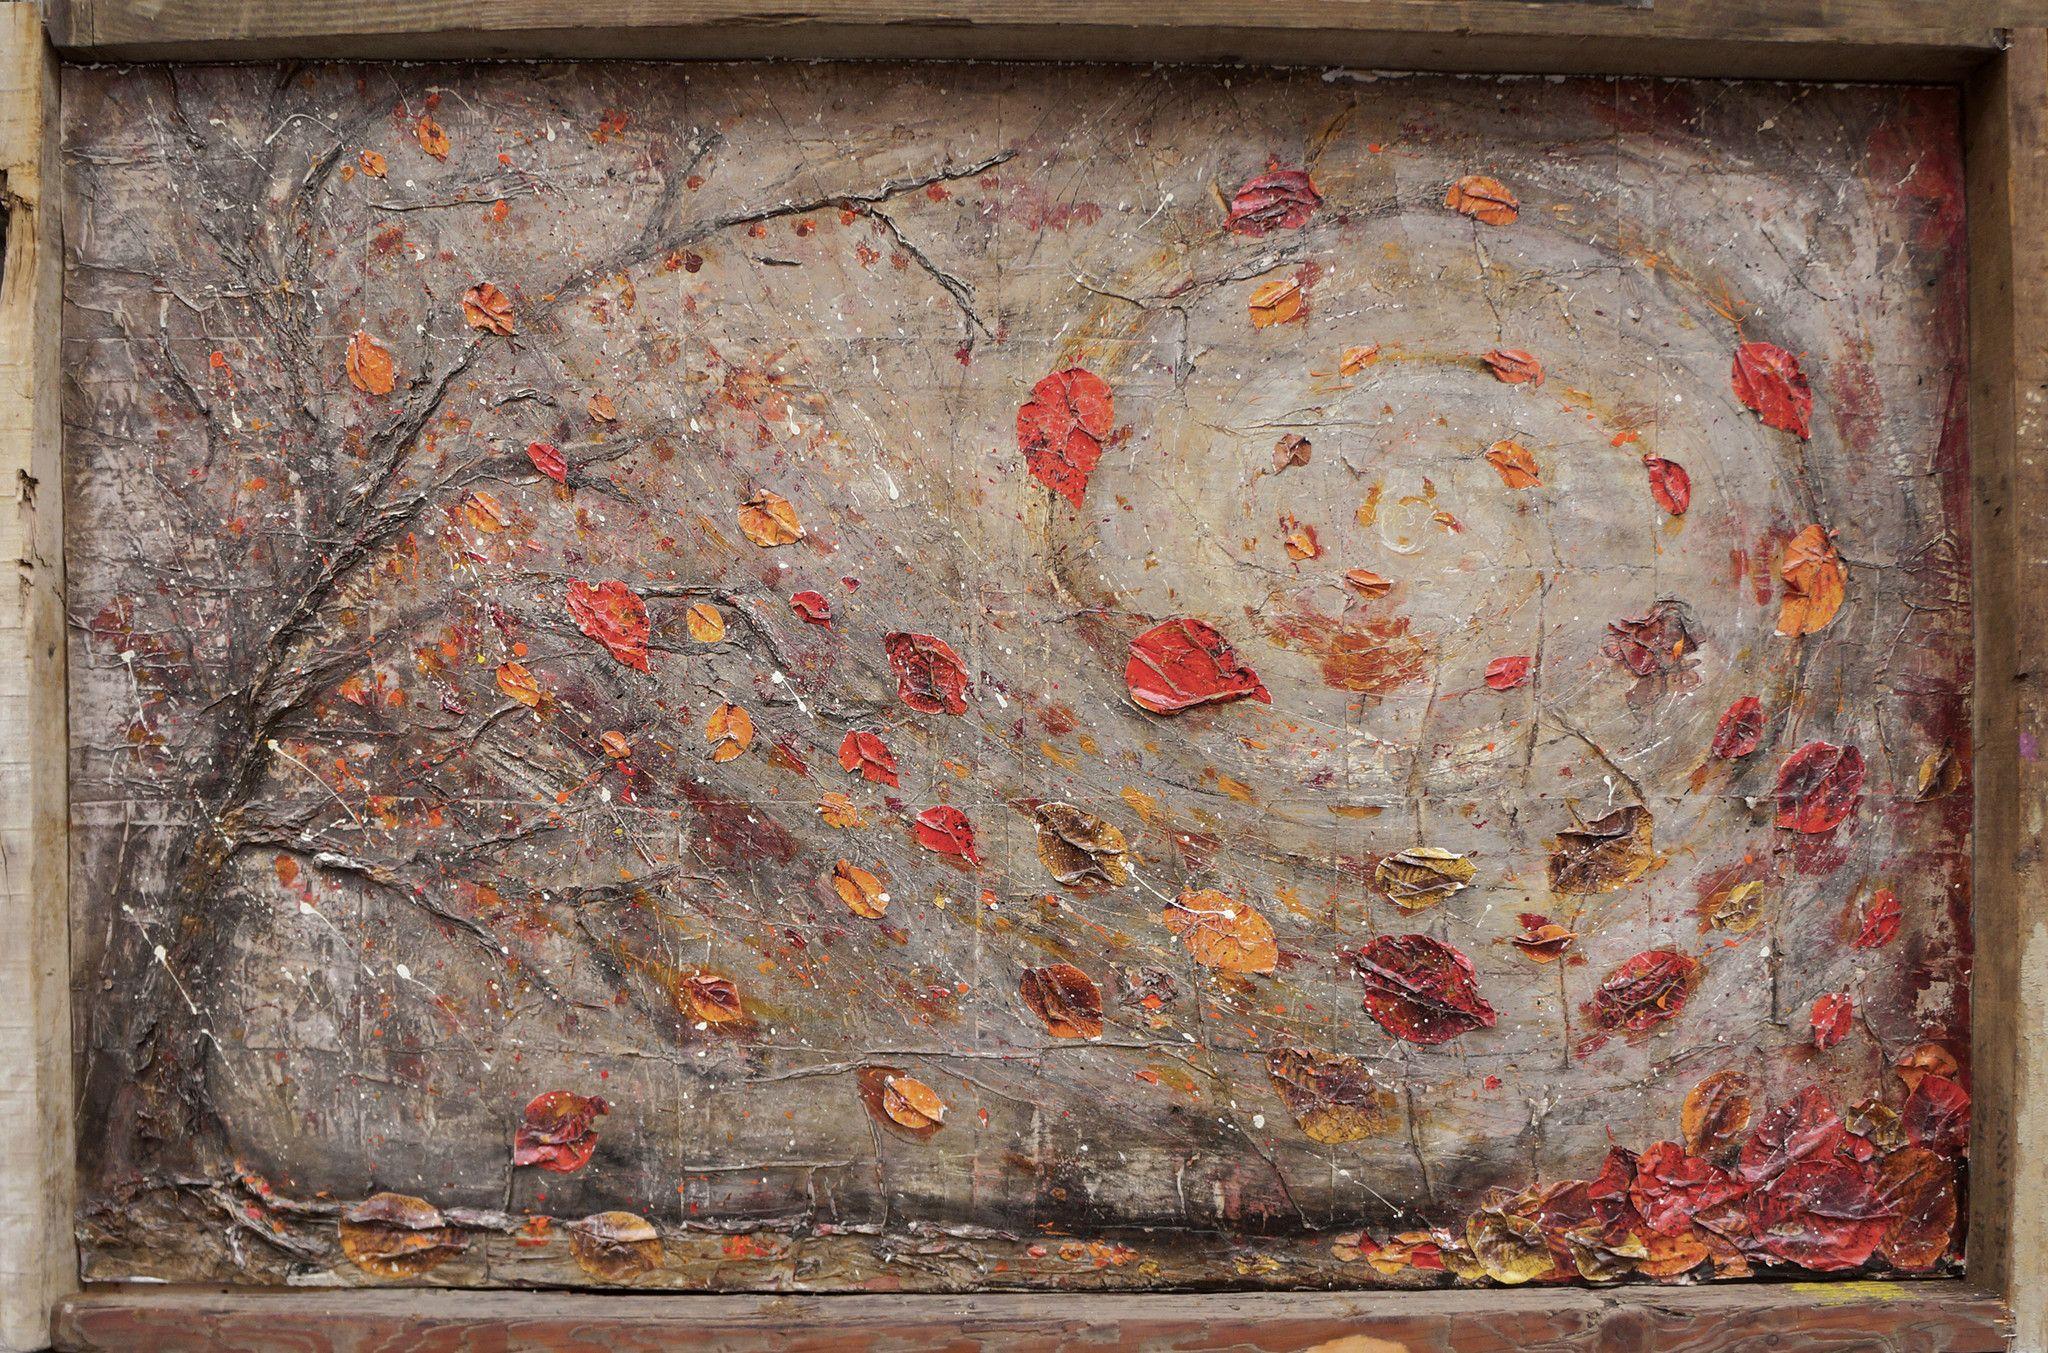 MIXED MEDIA PAOLO FRANZOSO ' COLORI D'AUTUNNO ' dimensioni L 182 x H 119 cm.